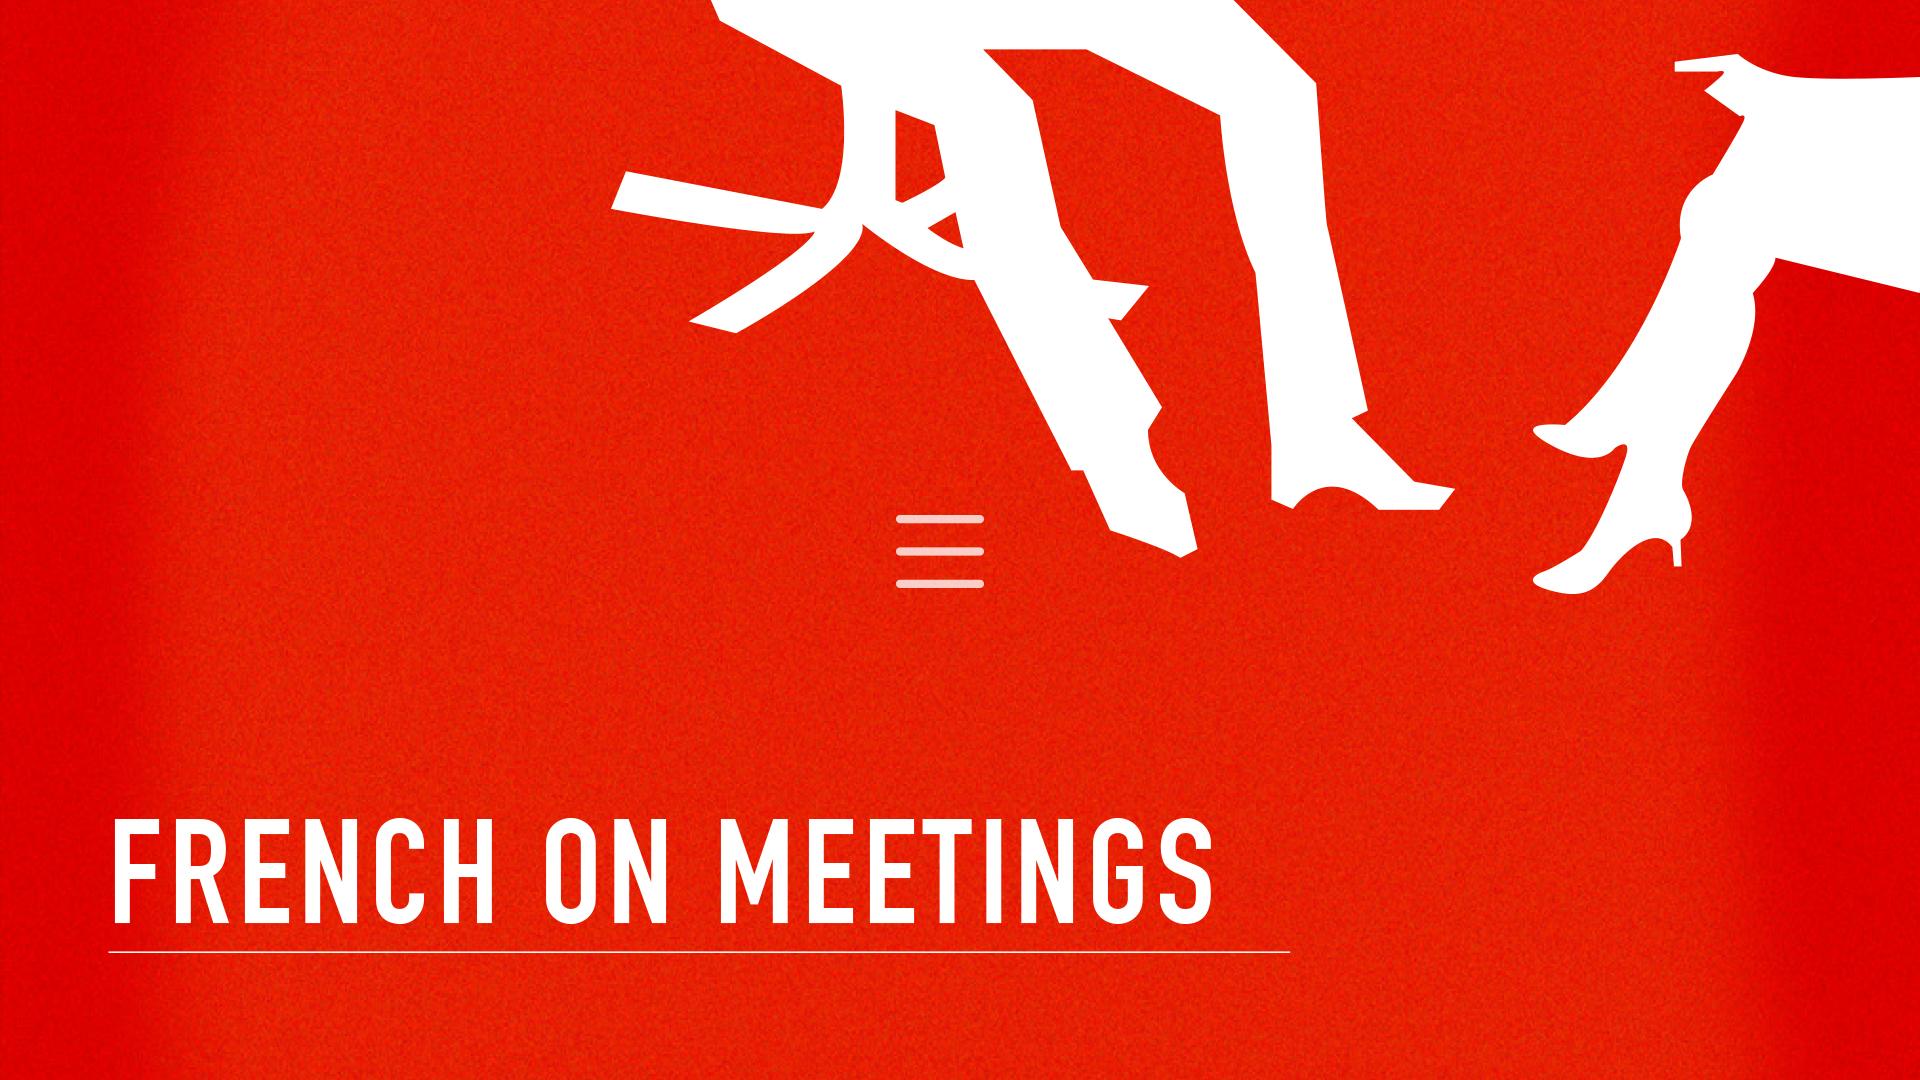 04-meetings.jpg